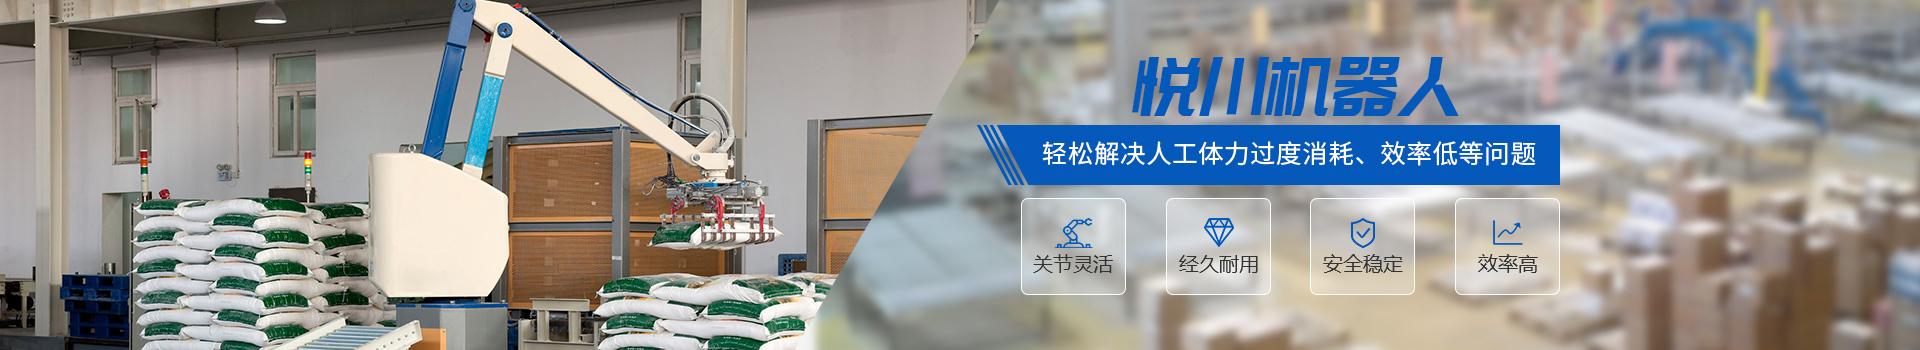 悦川机器人轻松解决人工体力过度消耗、效率低等问题